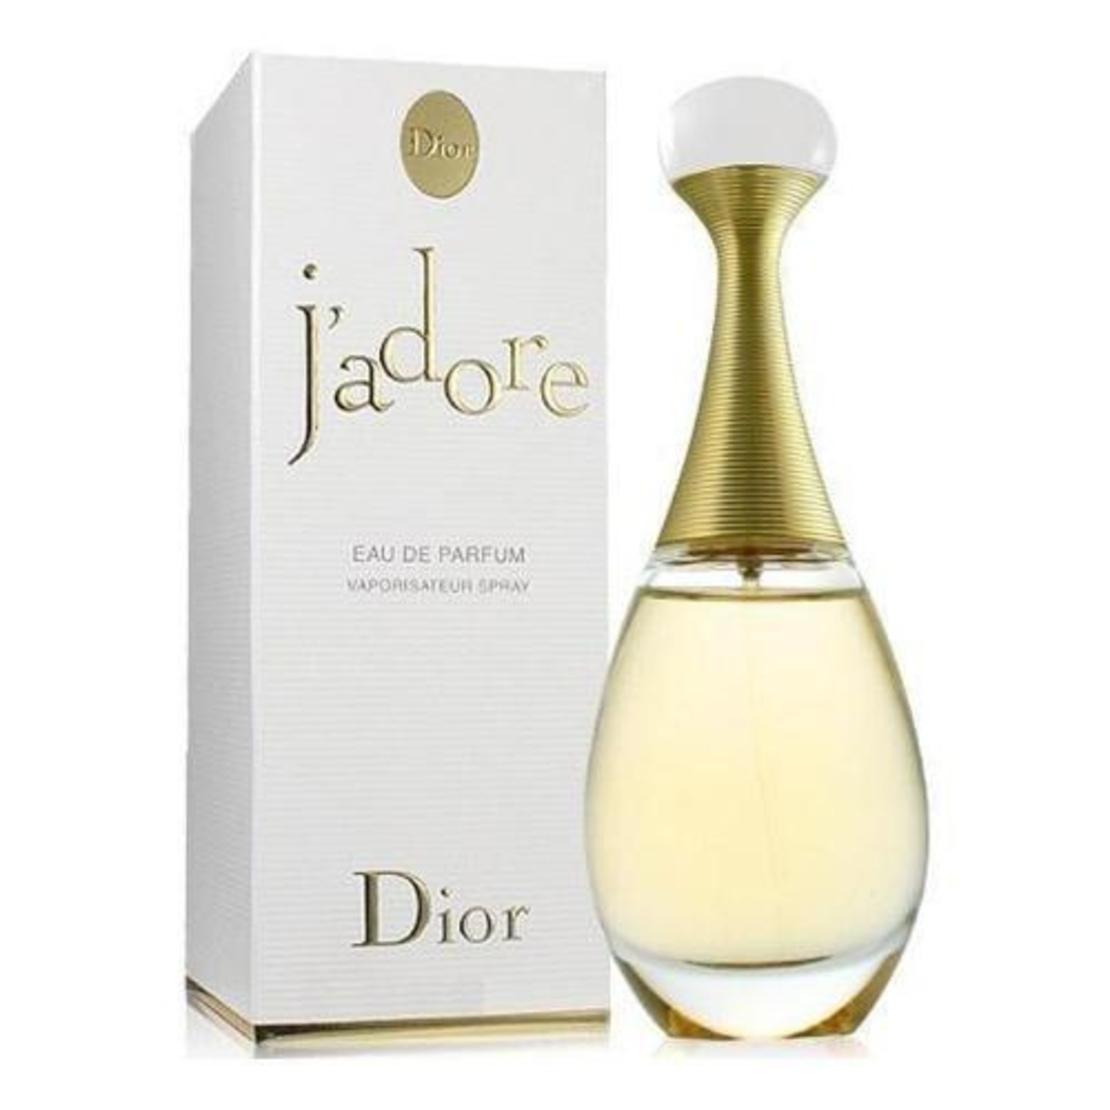 בושם לאשה דיור ג'אדור Dior Jadore (W) EDP 150 ML